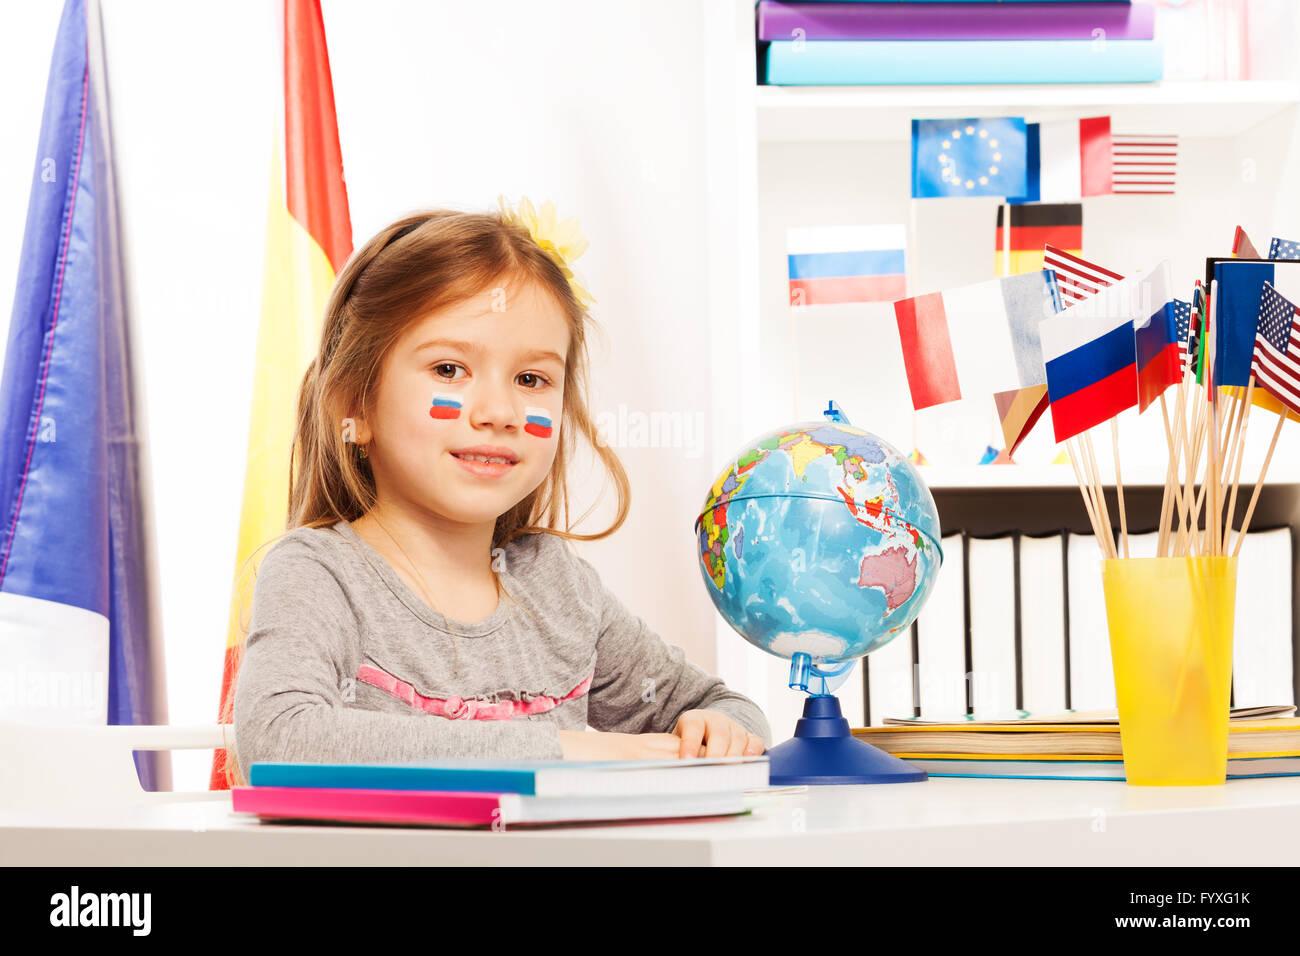 russian schoolgirl Russian schoolgirl sitting at a desk in classroom